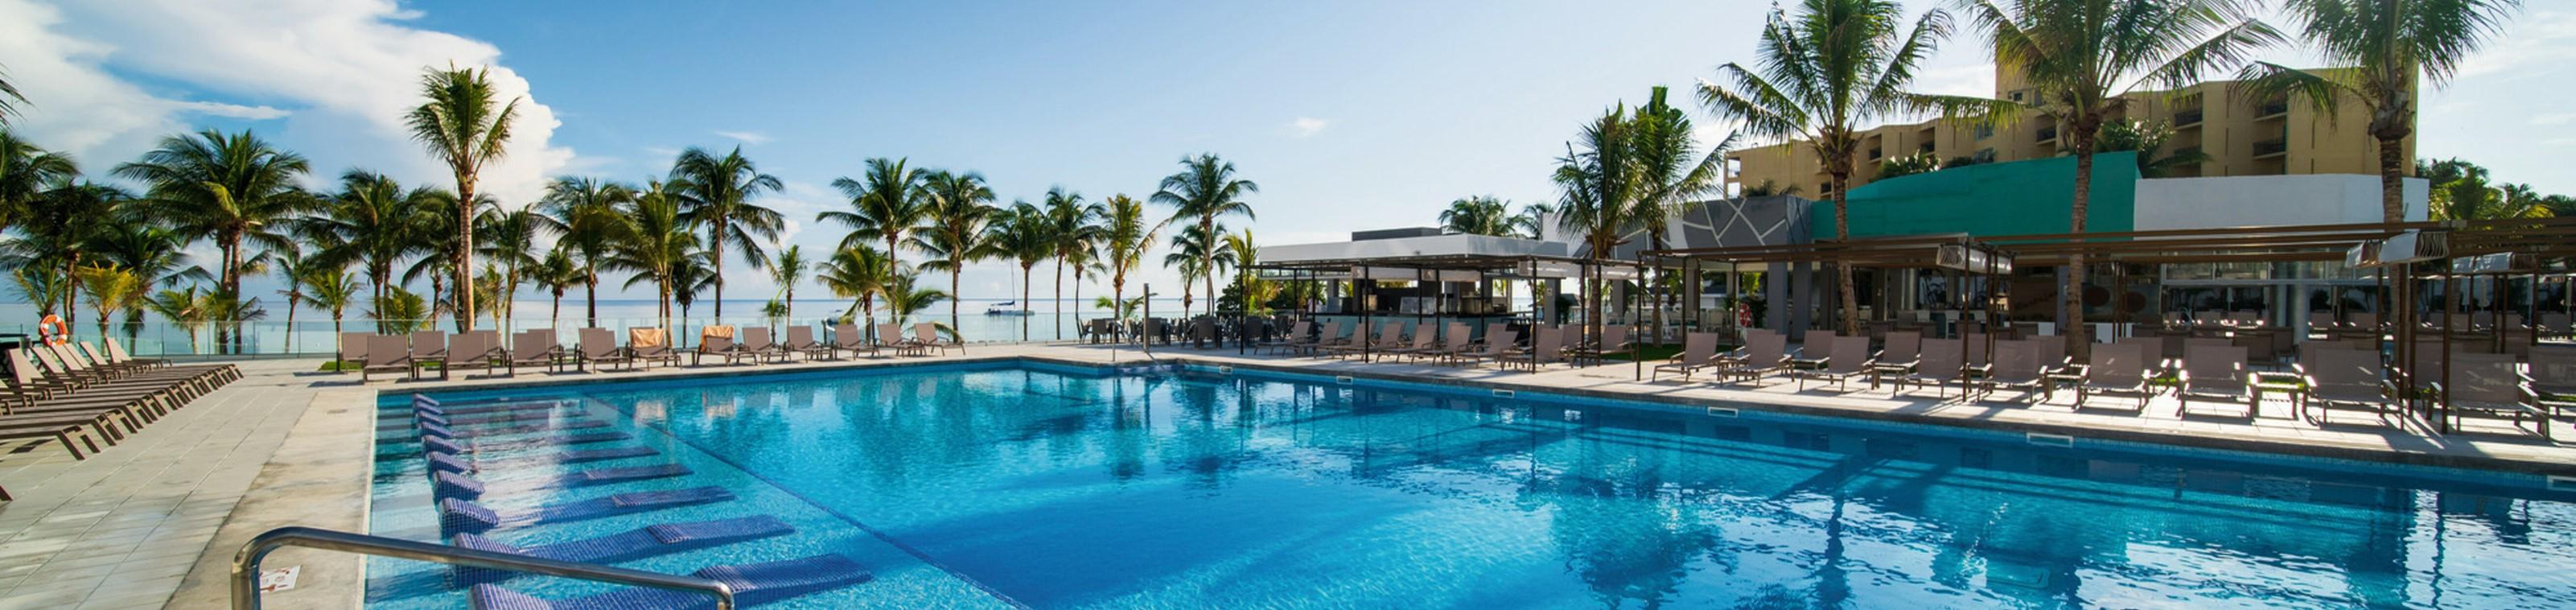 Riu Ocho Rios *****, Jamaica